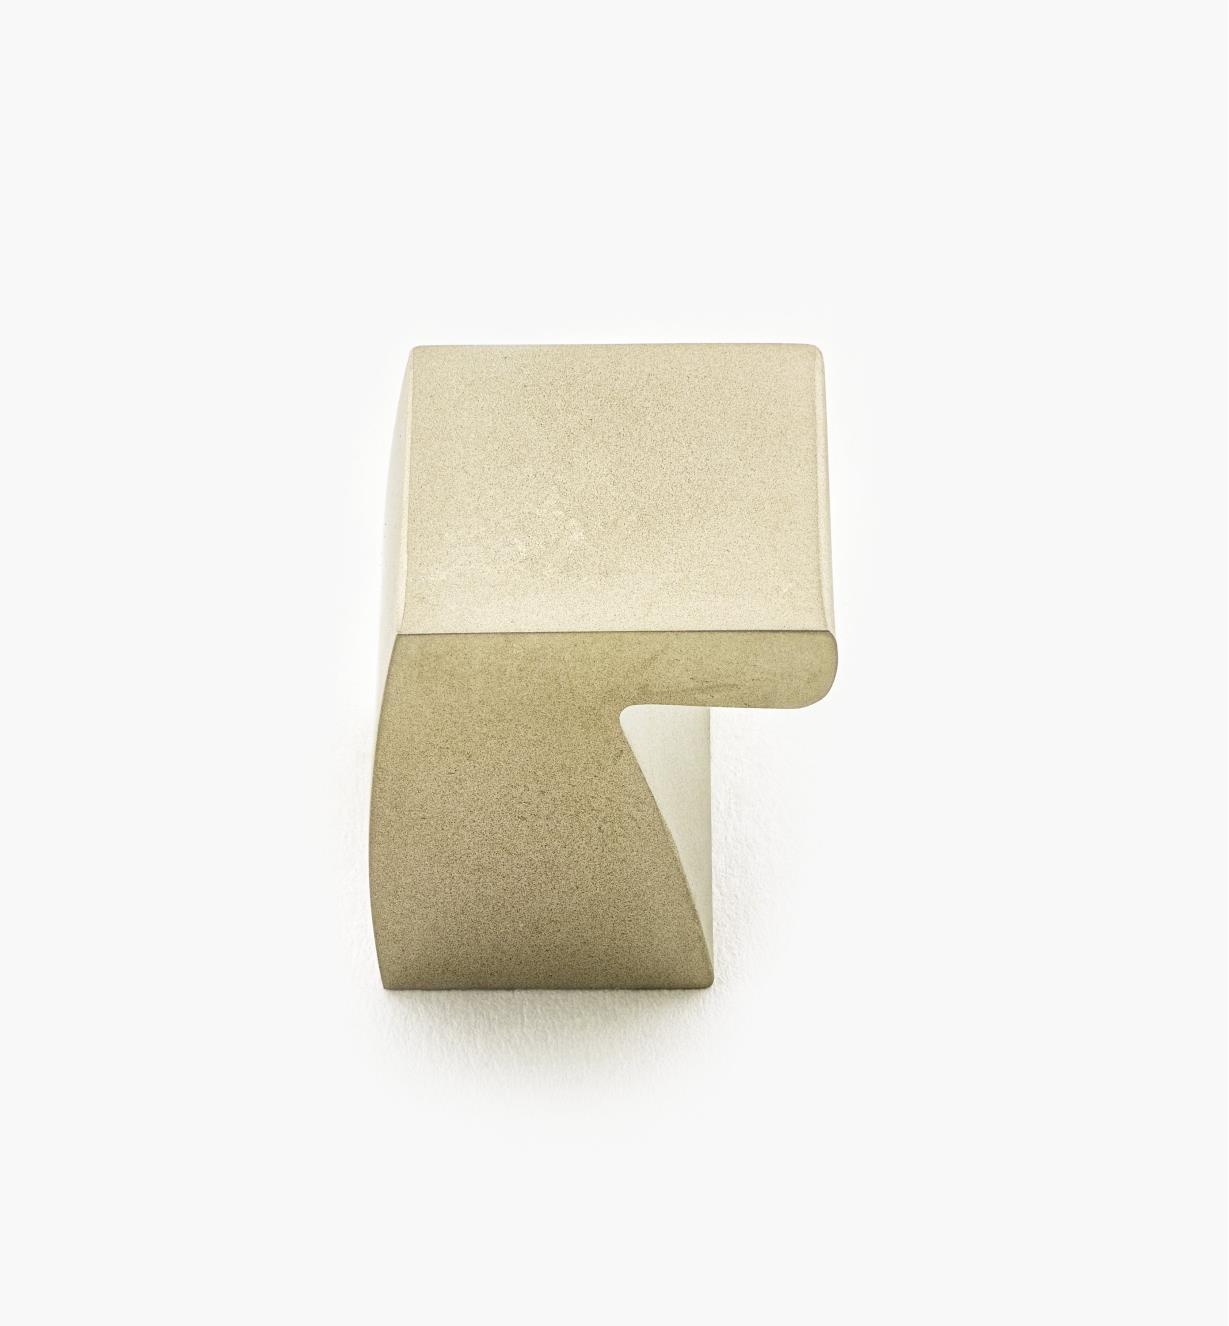 02W3470 - Bouton à entaille de 21mm, fini nickel mat